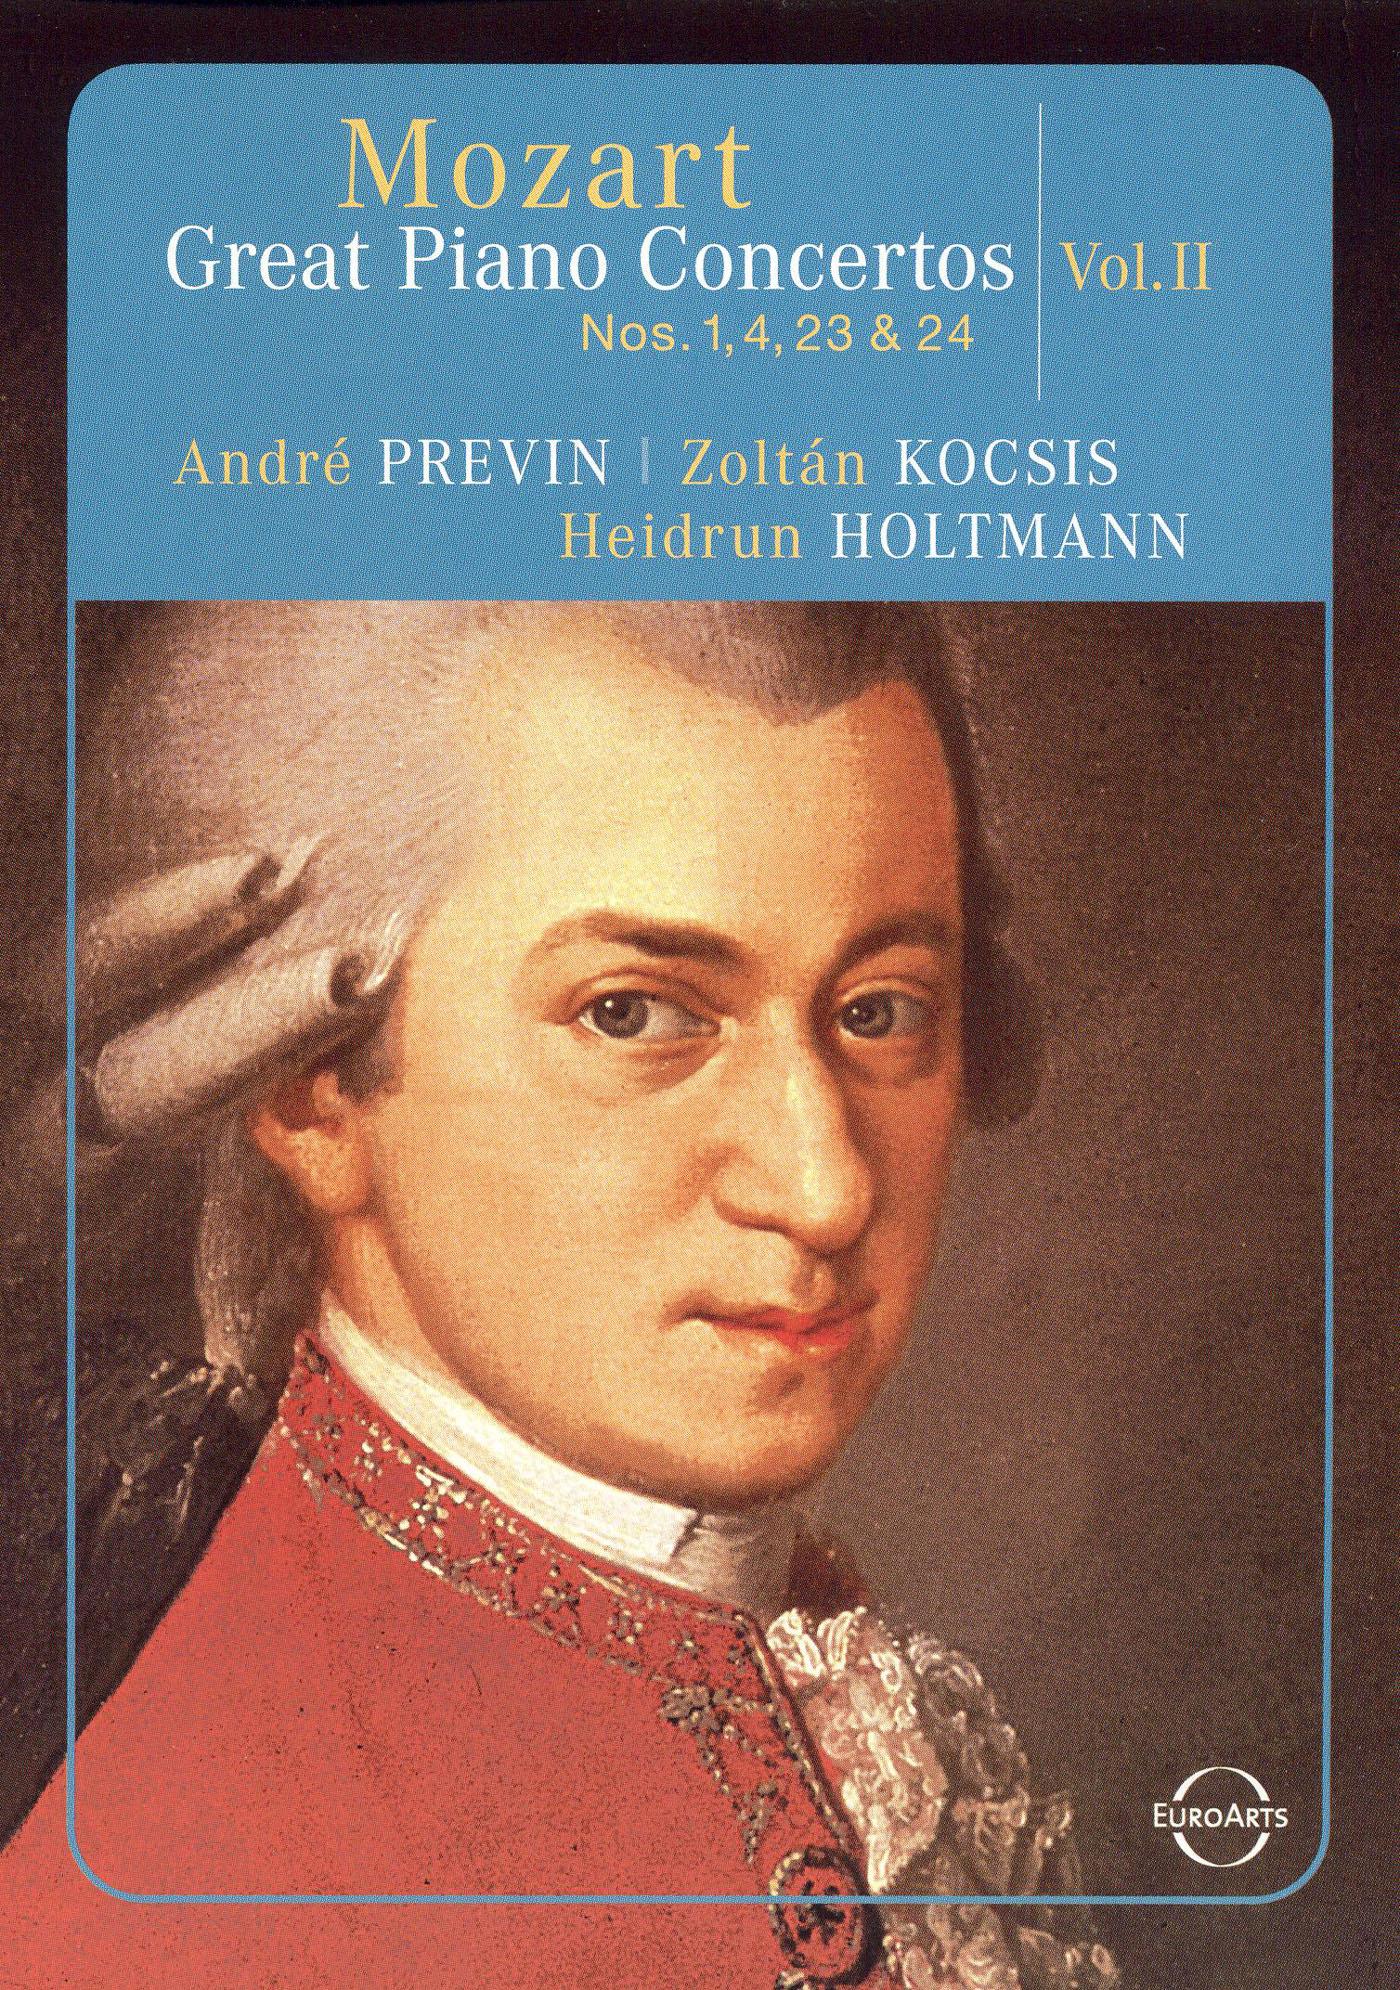 Andre Previn: Great Piano Concertos 2